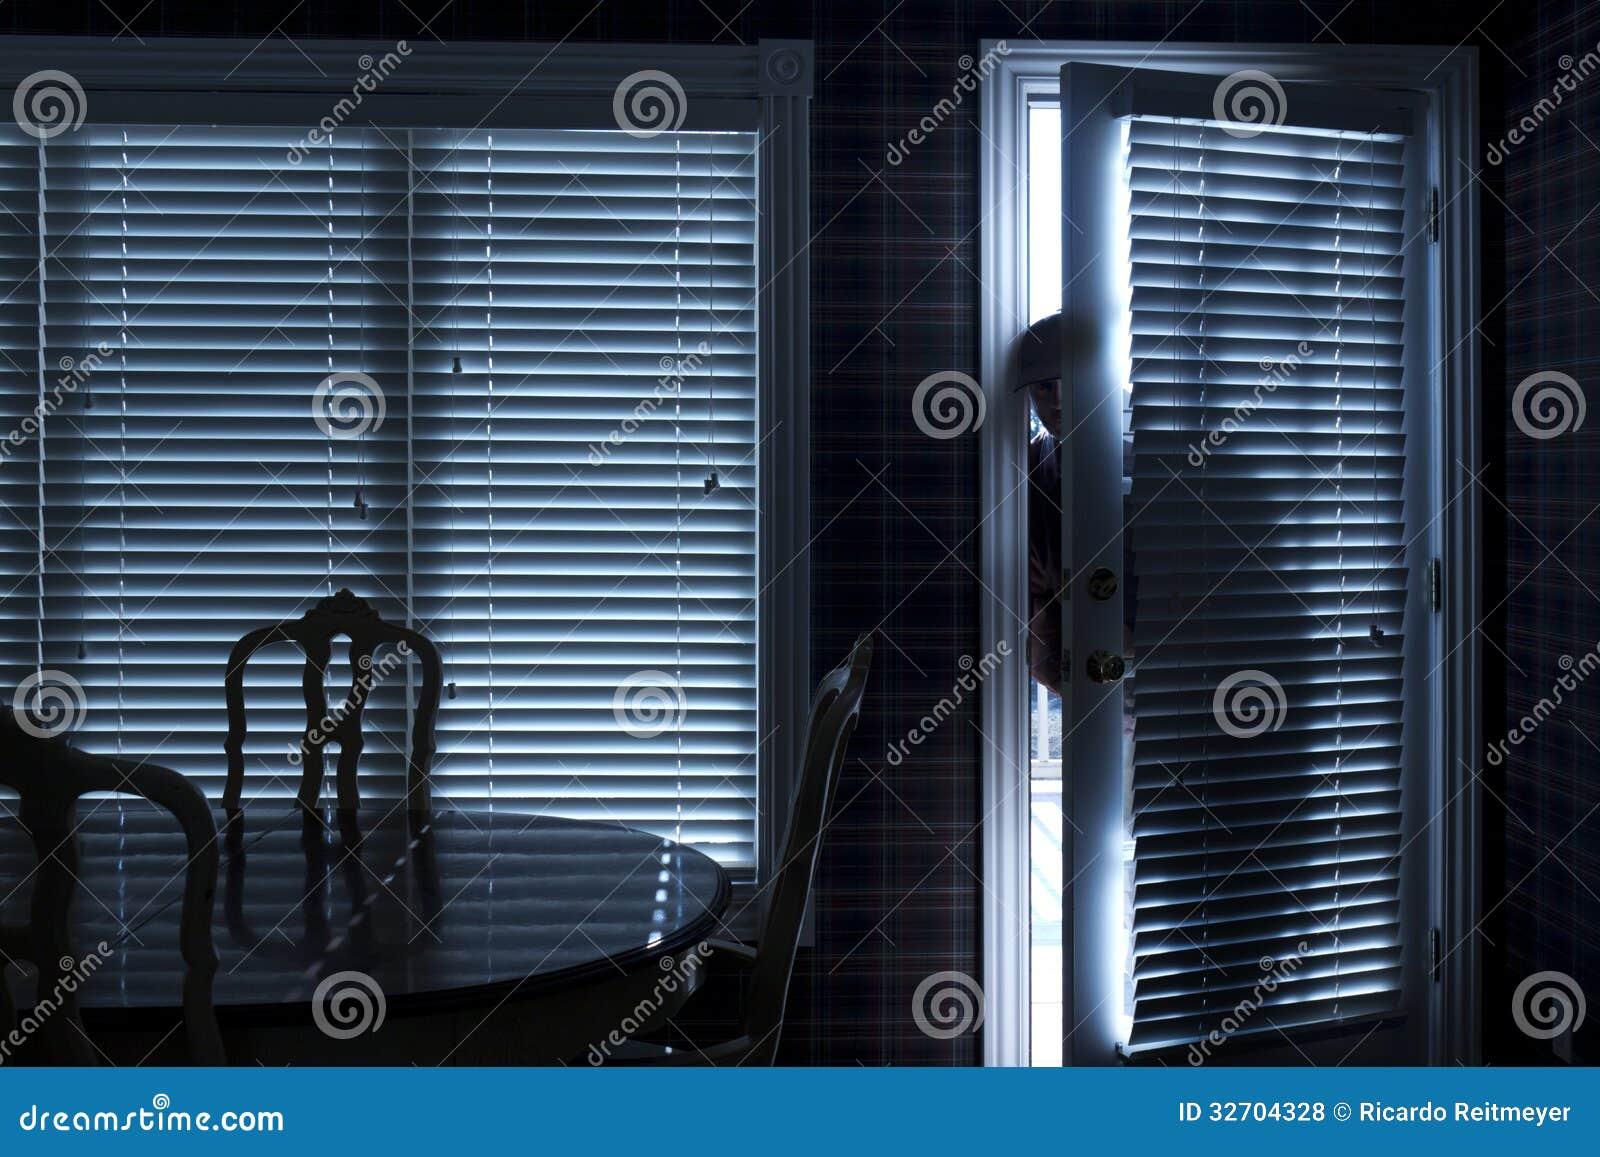 Silhouette Of Burglar Sneeking Up To Backdoor At N Royalty